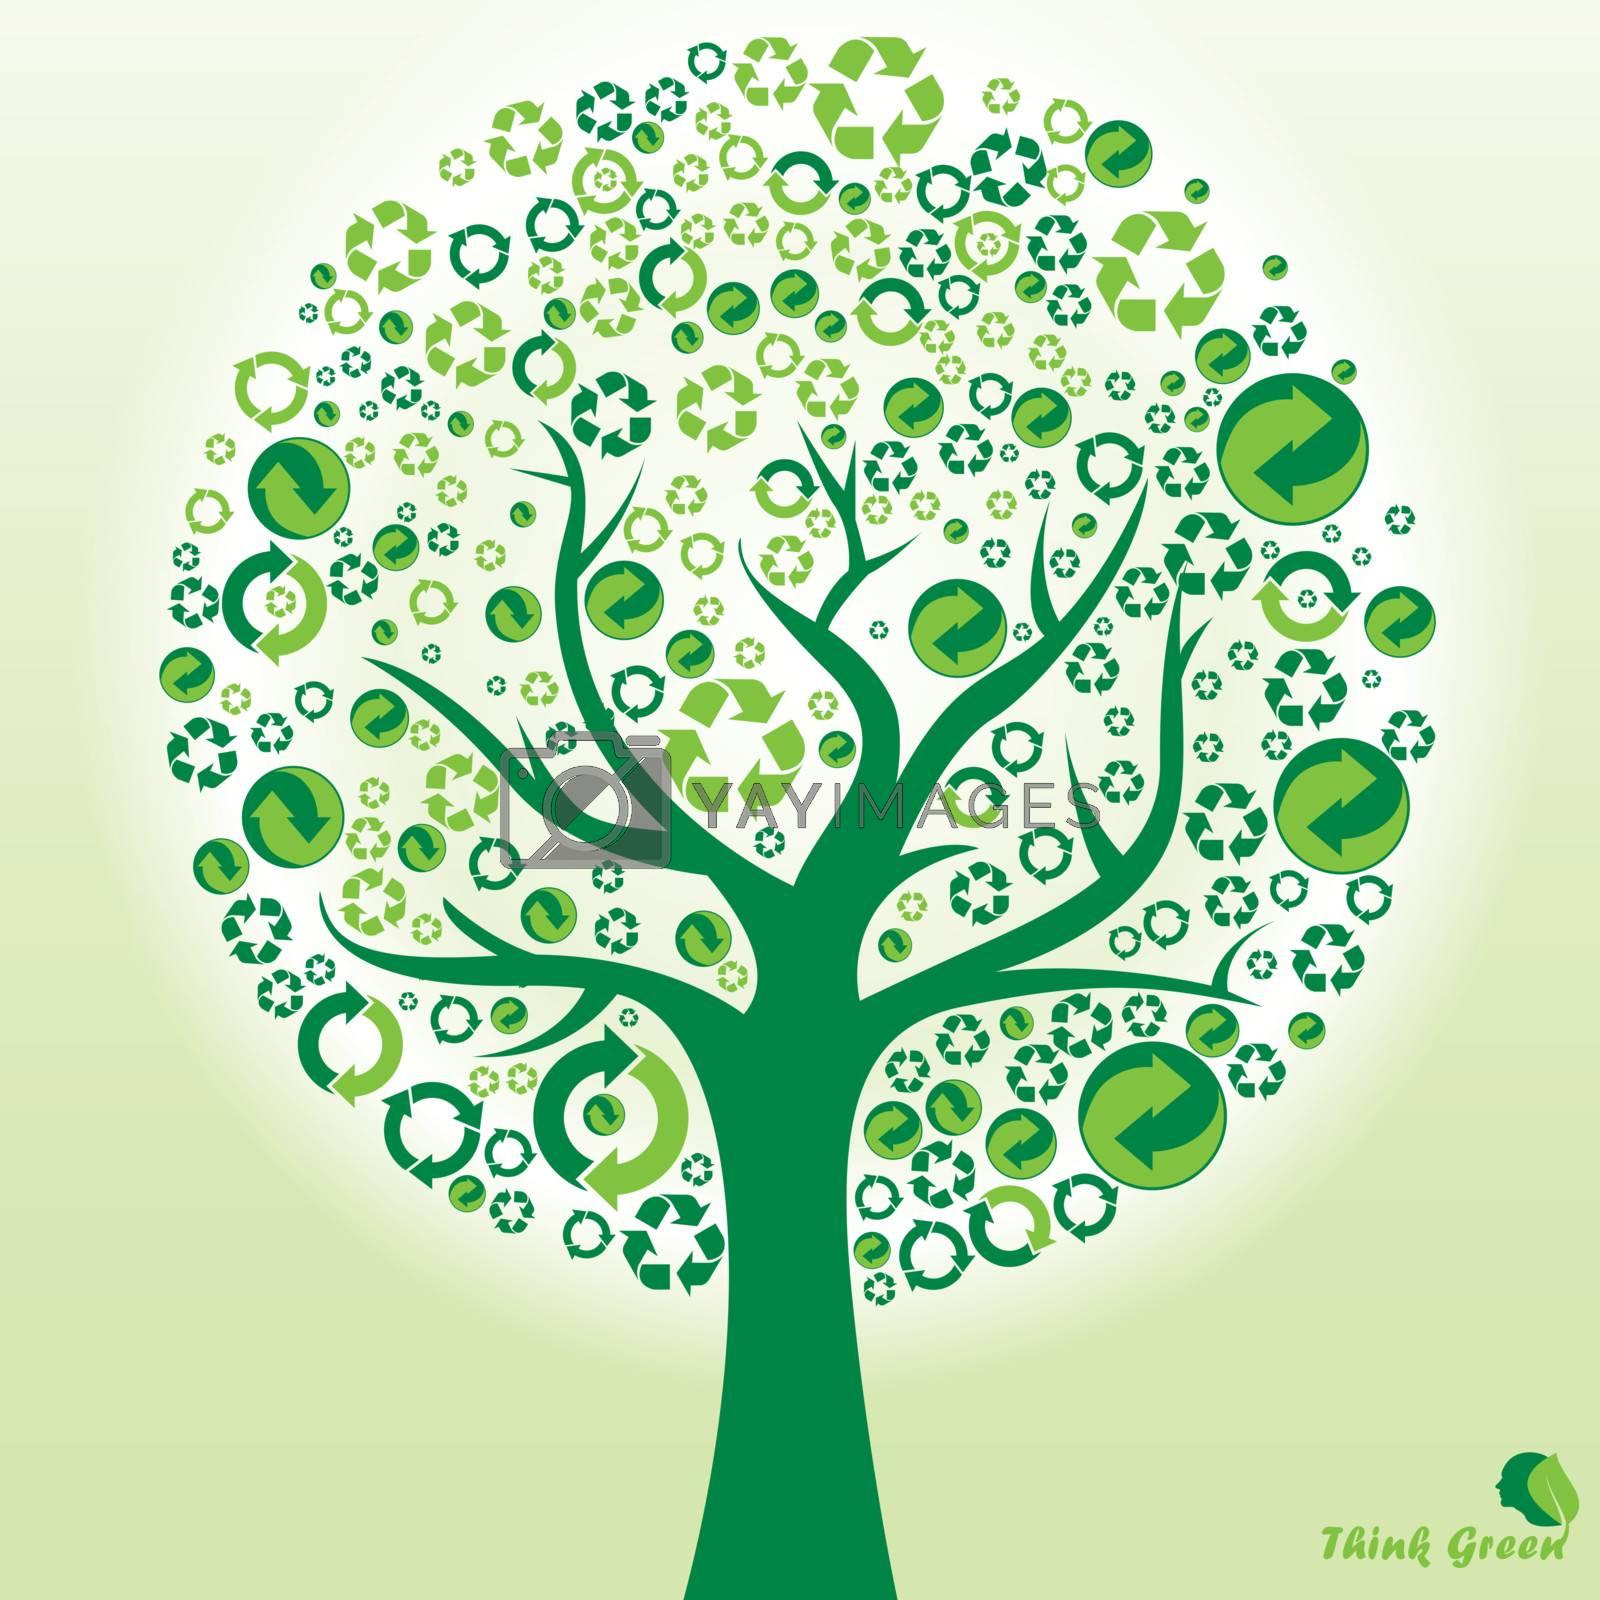 Tree recycle, renew, reuse symbols